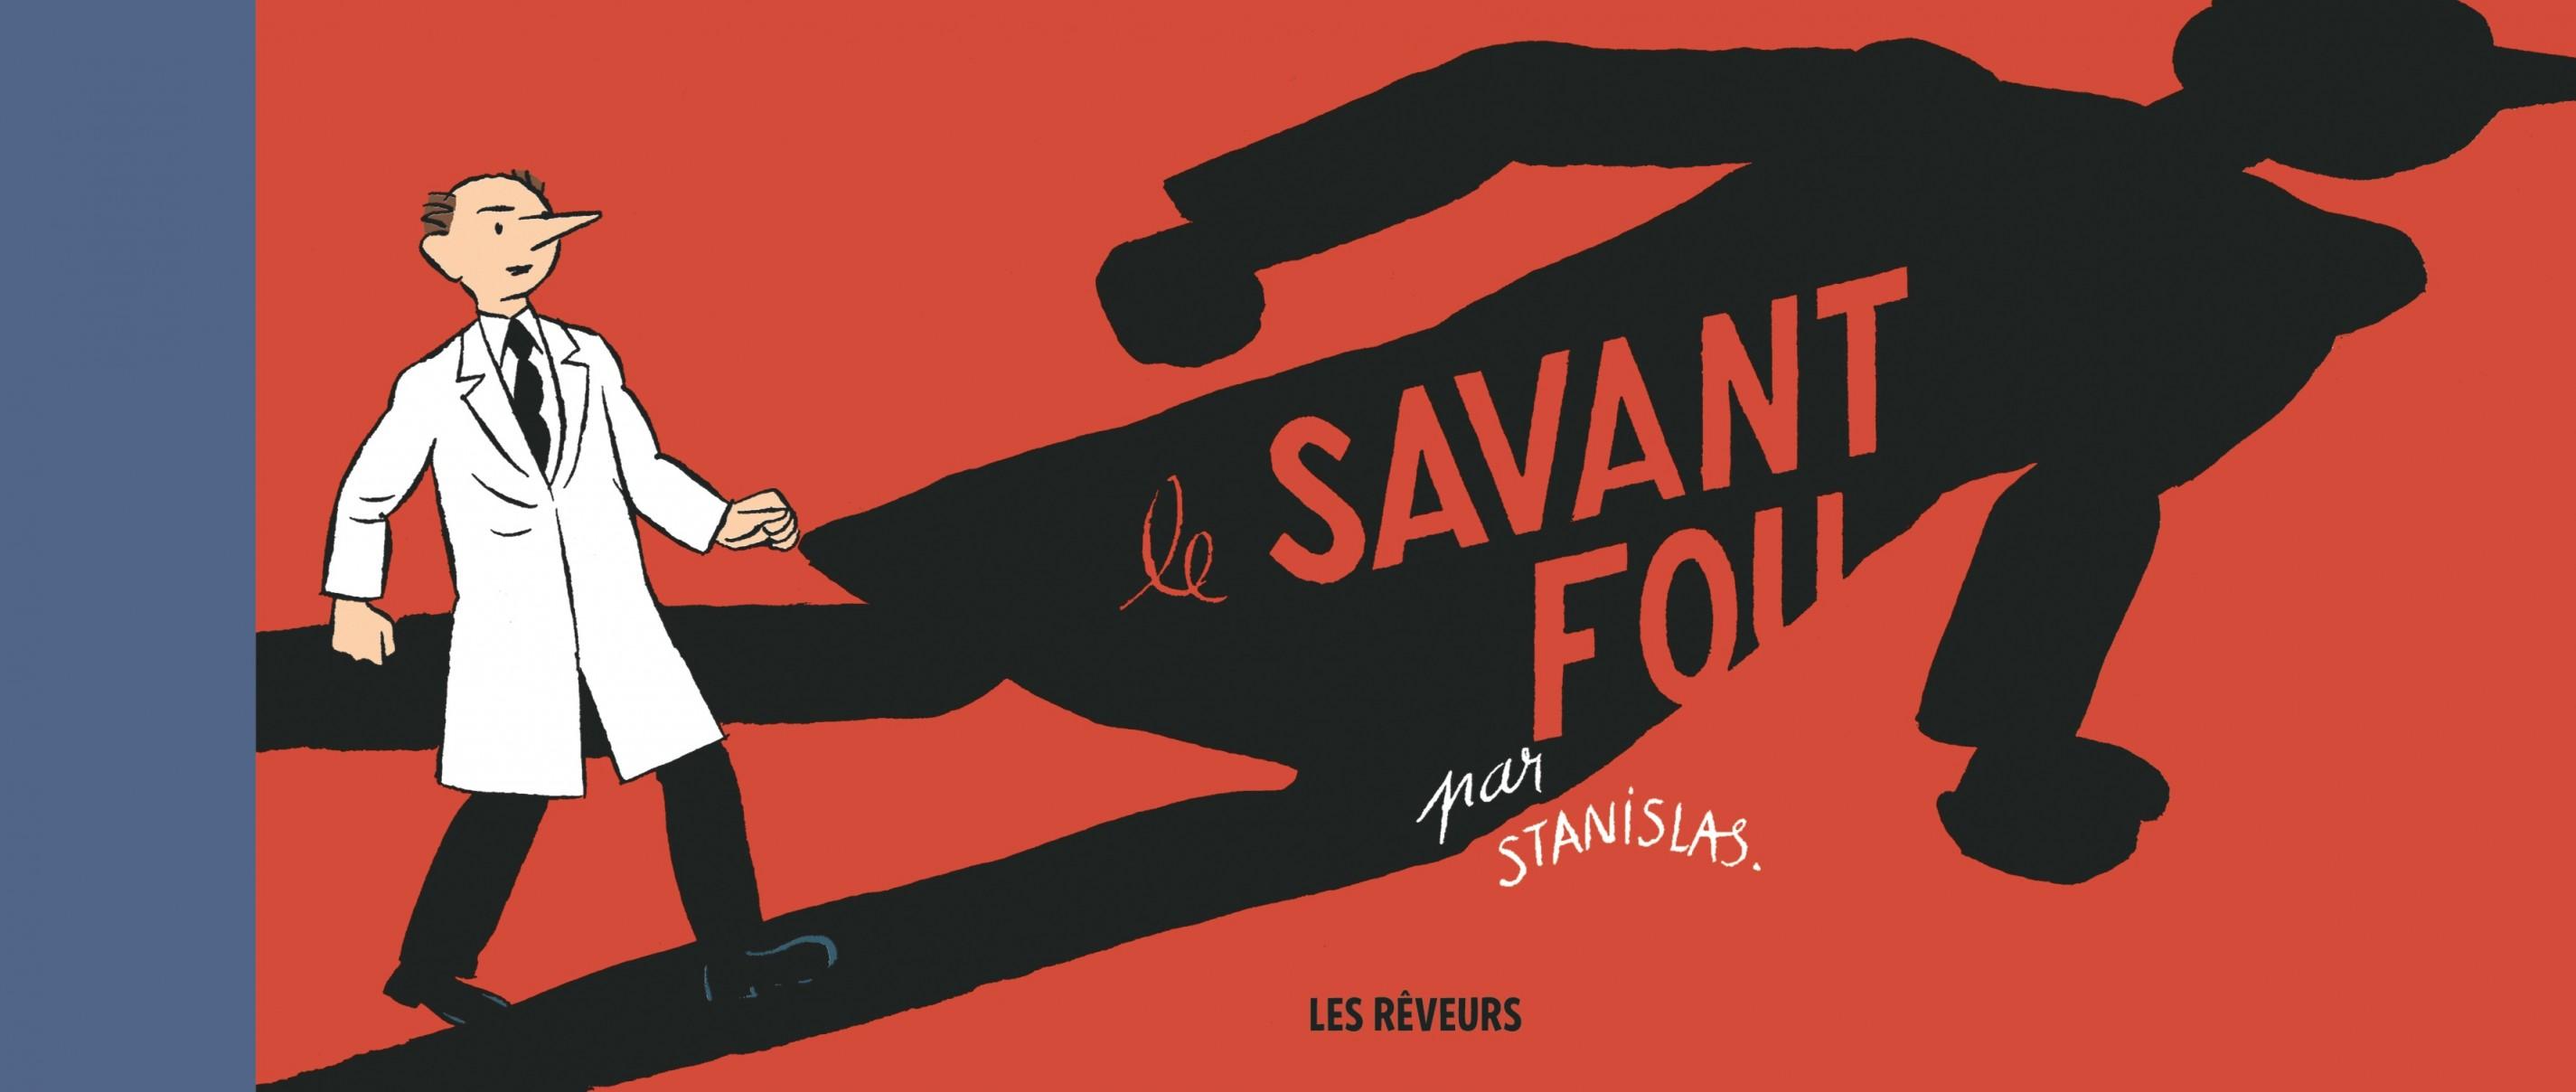 Le Savant Fou - Tome 1